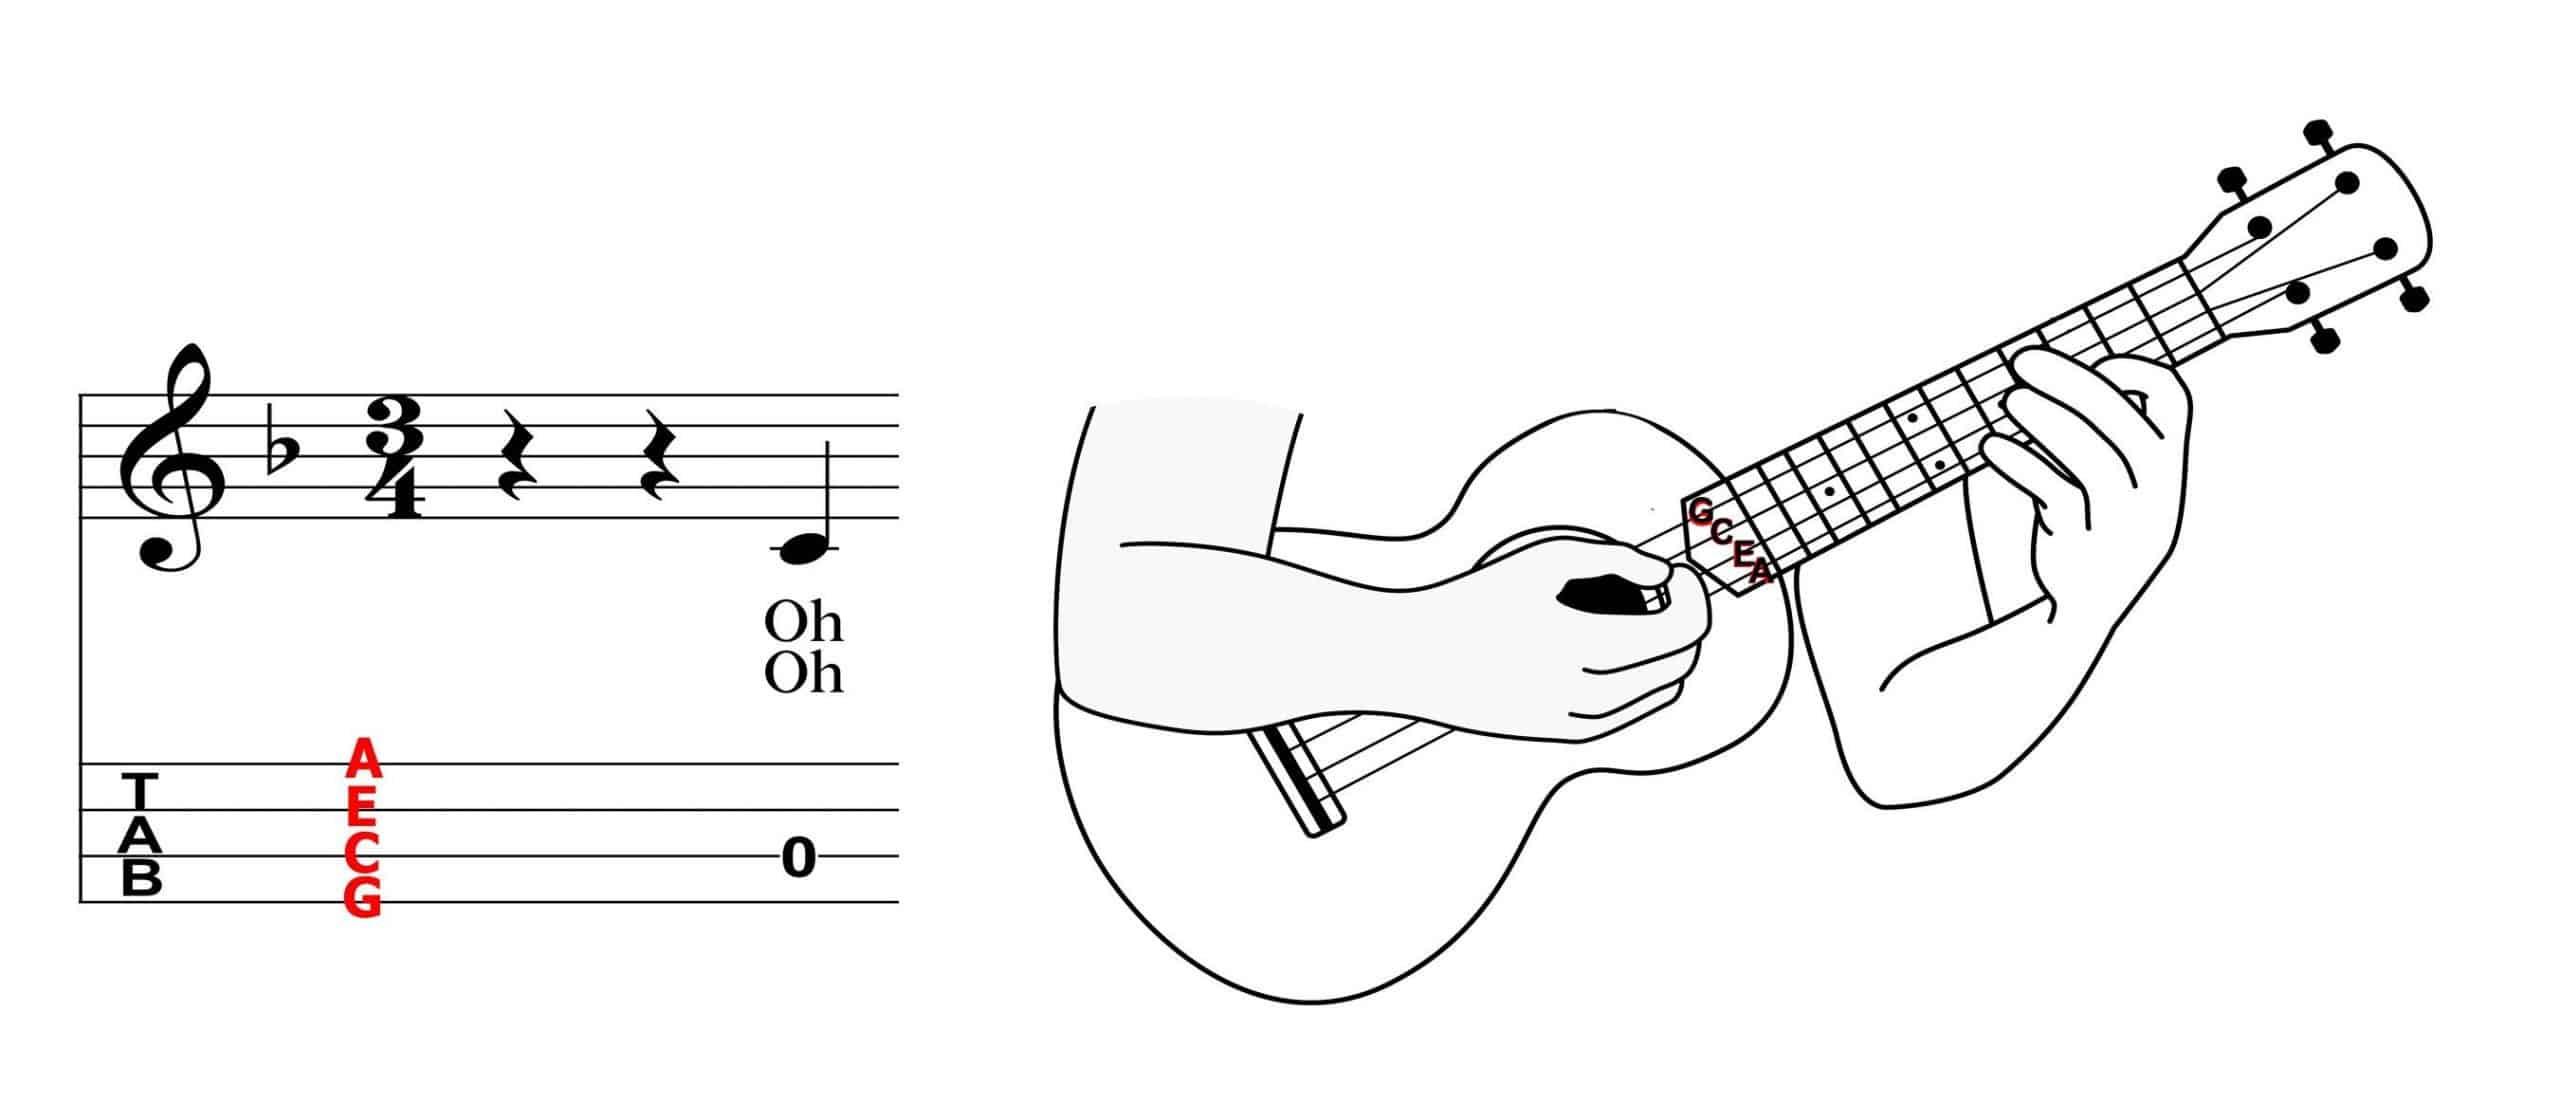 ukulele tab staff shown vertically below ukulele strings